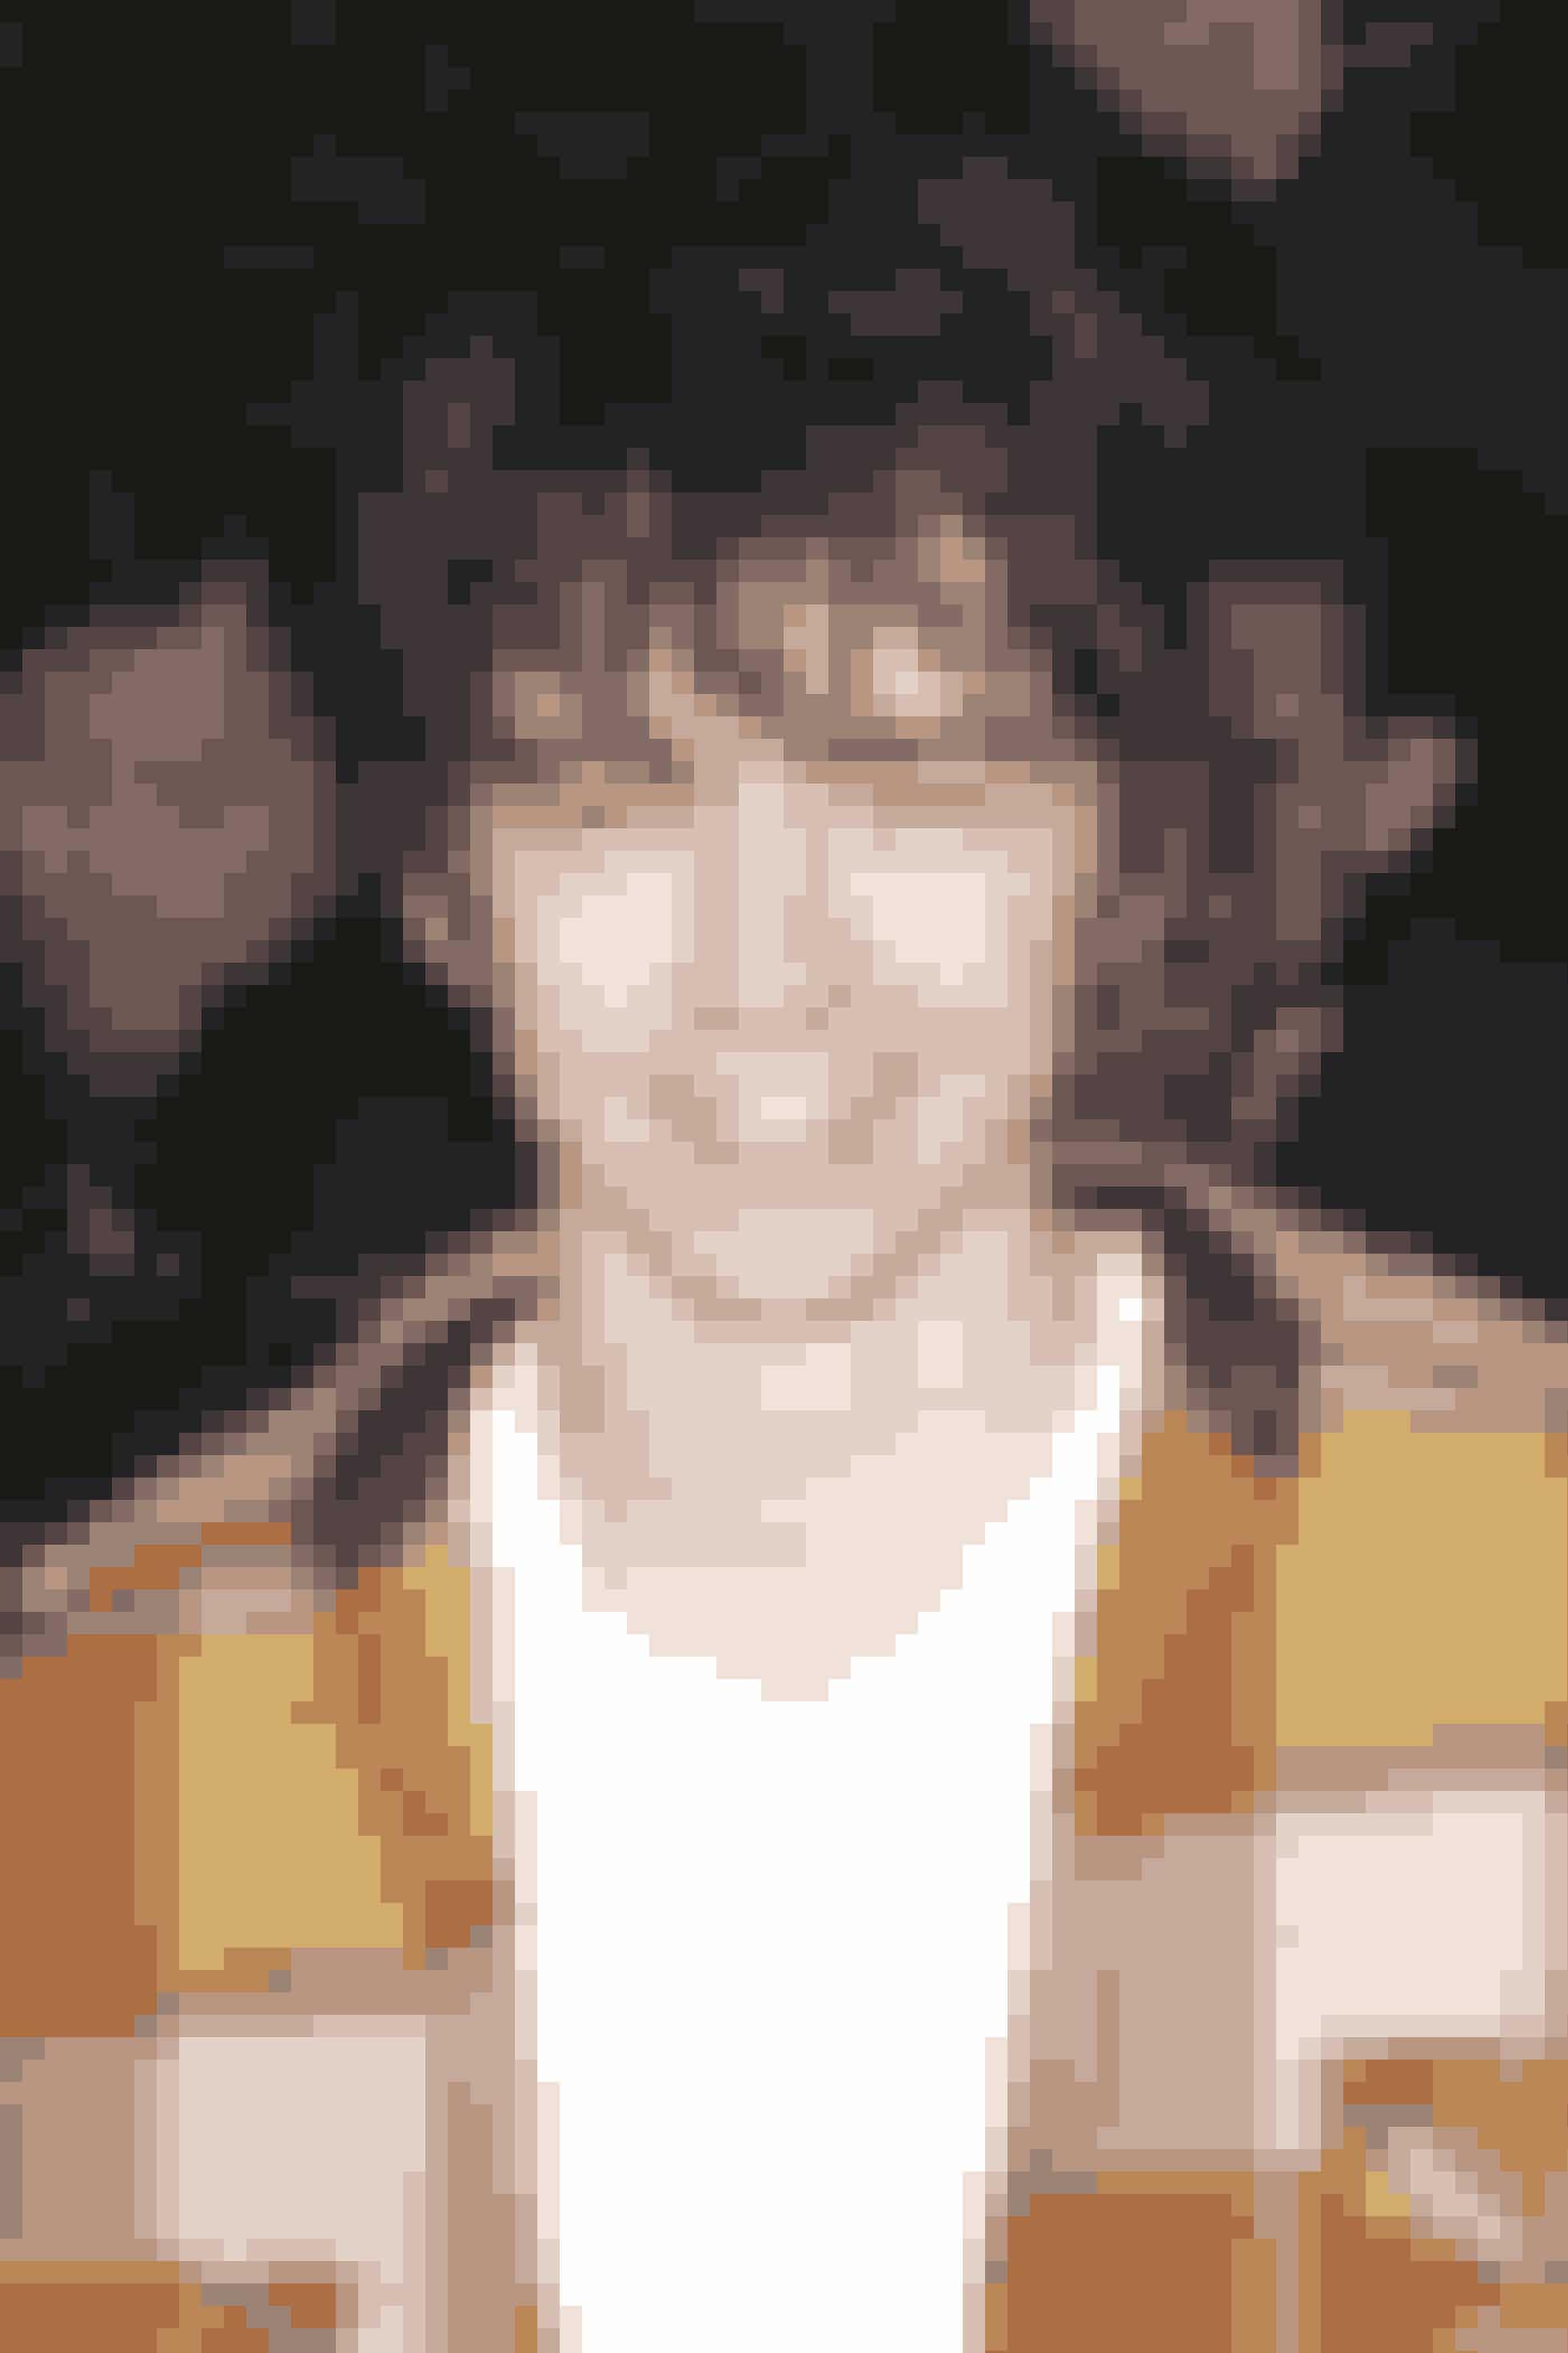 Liam var inde i billedet til rollen som Harry Potter.